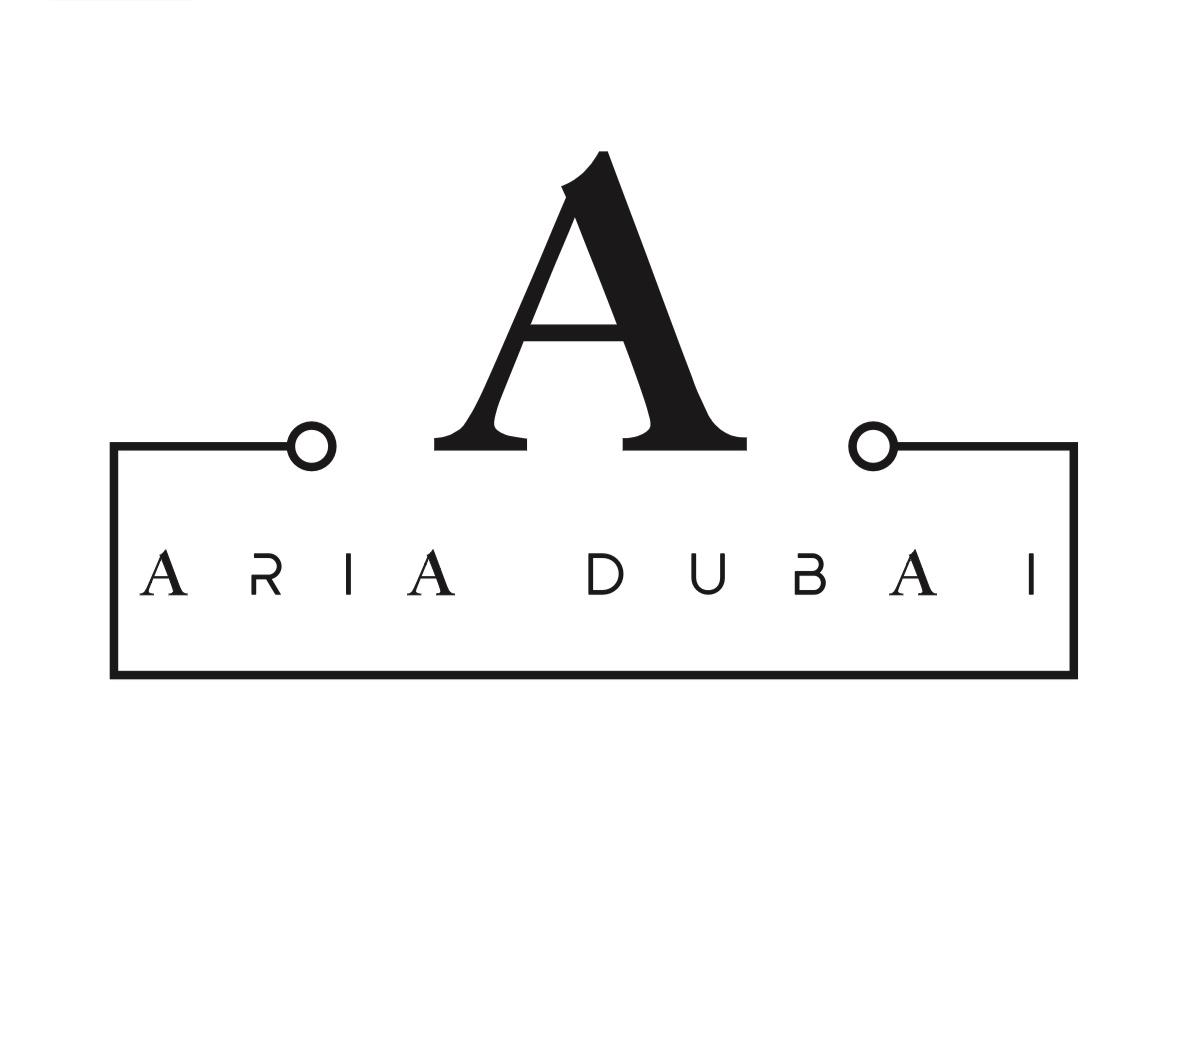 آريا دبي